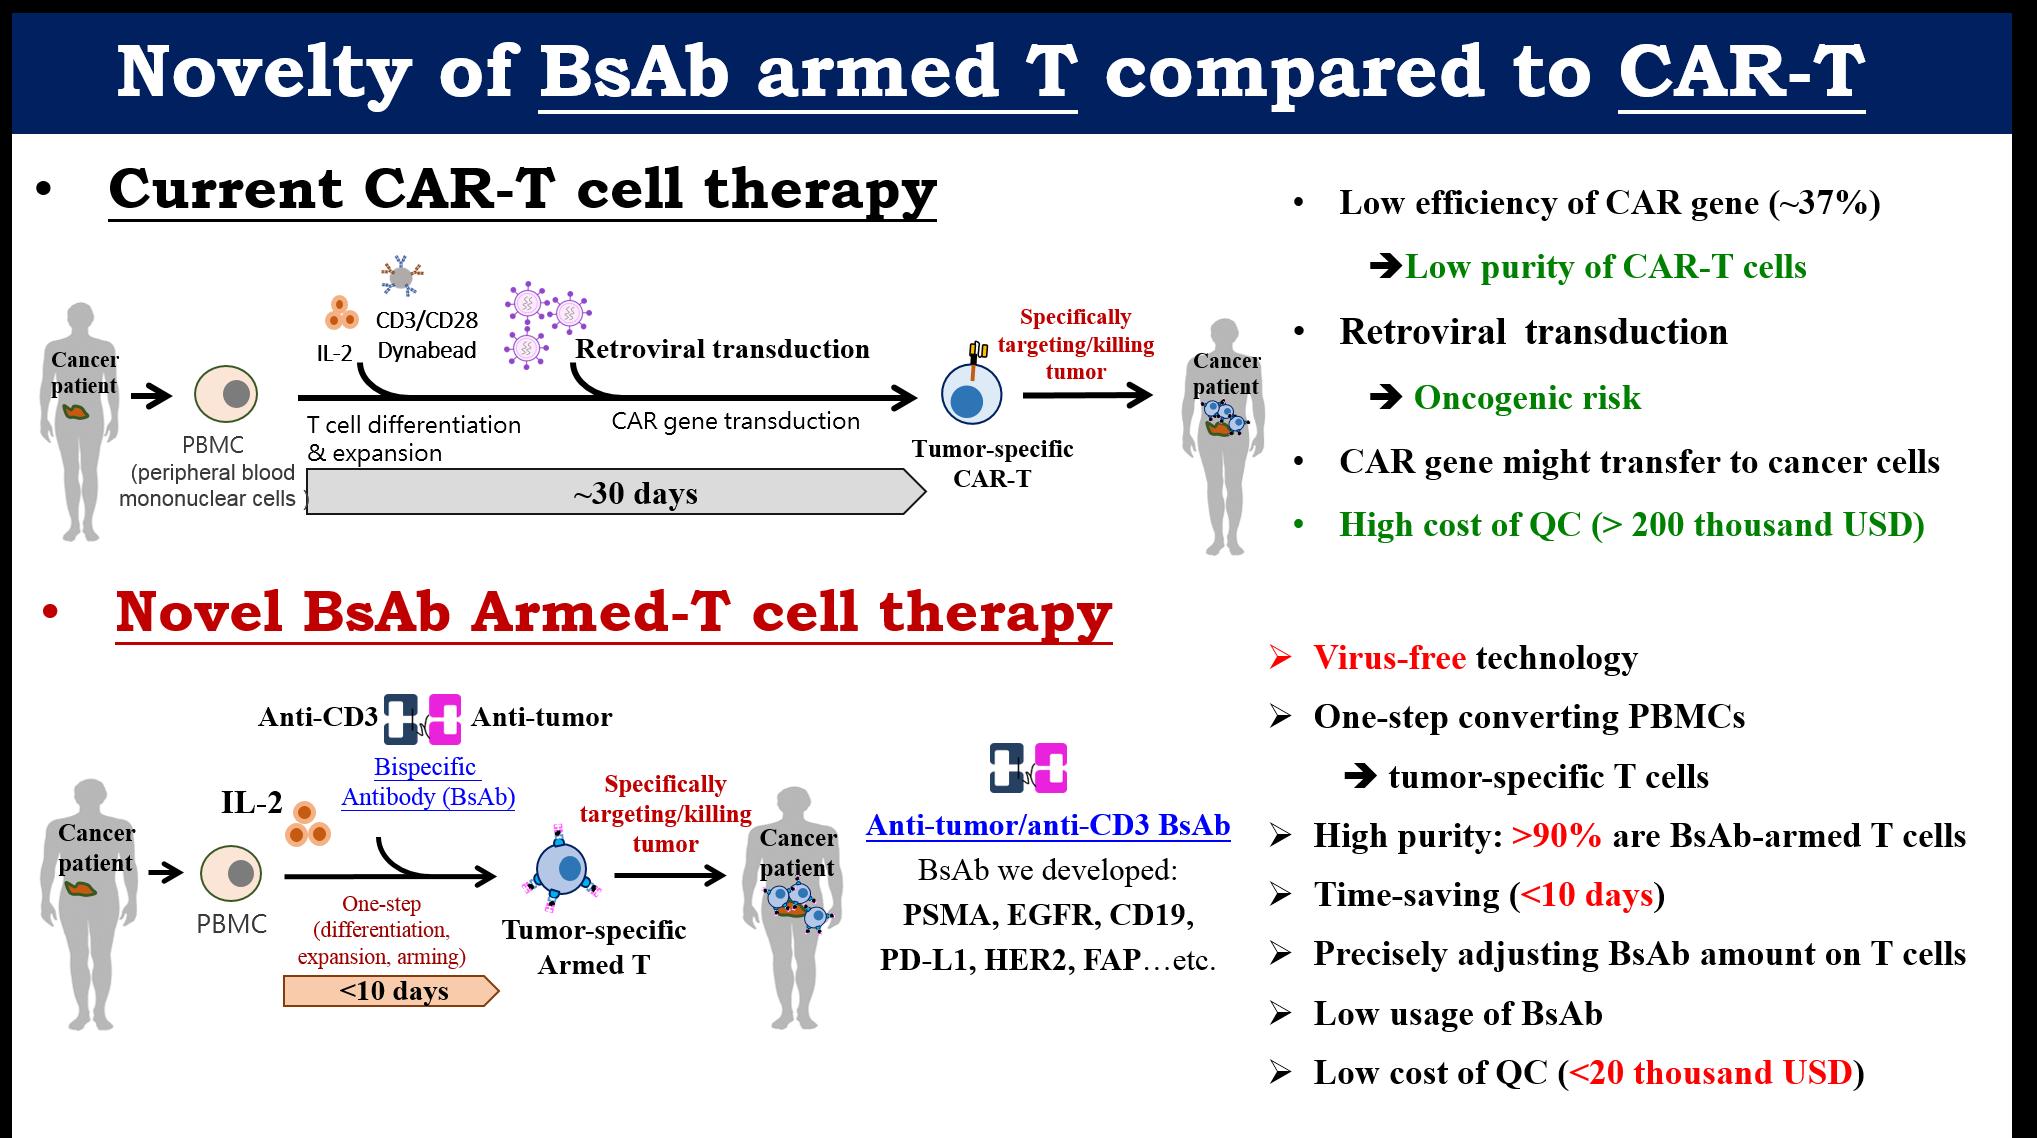 本雙功能抗體(BsAb)培育腫瘤專一性T細胞之技術平台,與臨床CAR-T細胞治療之比較